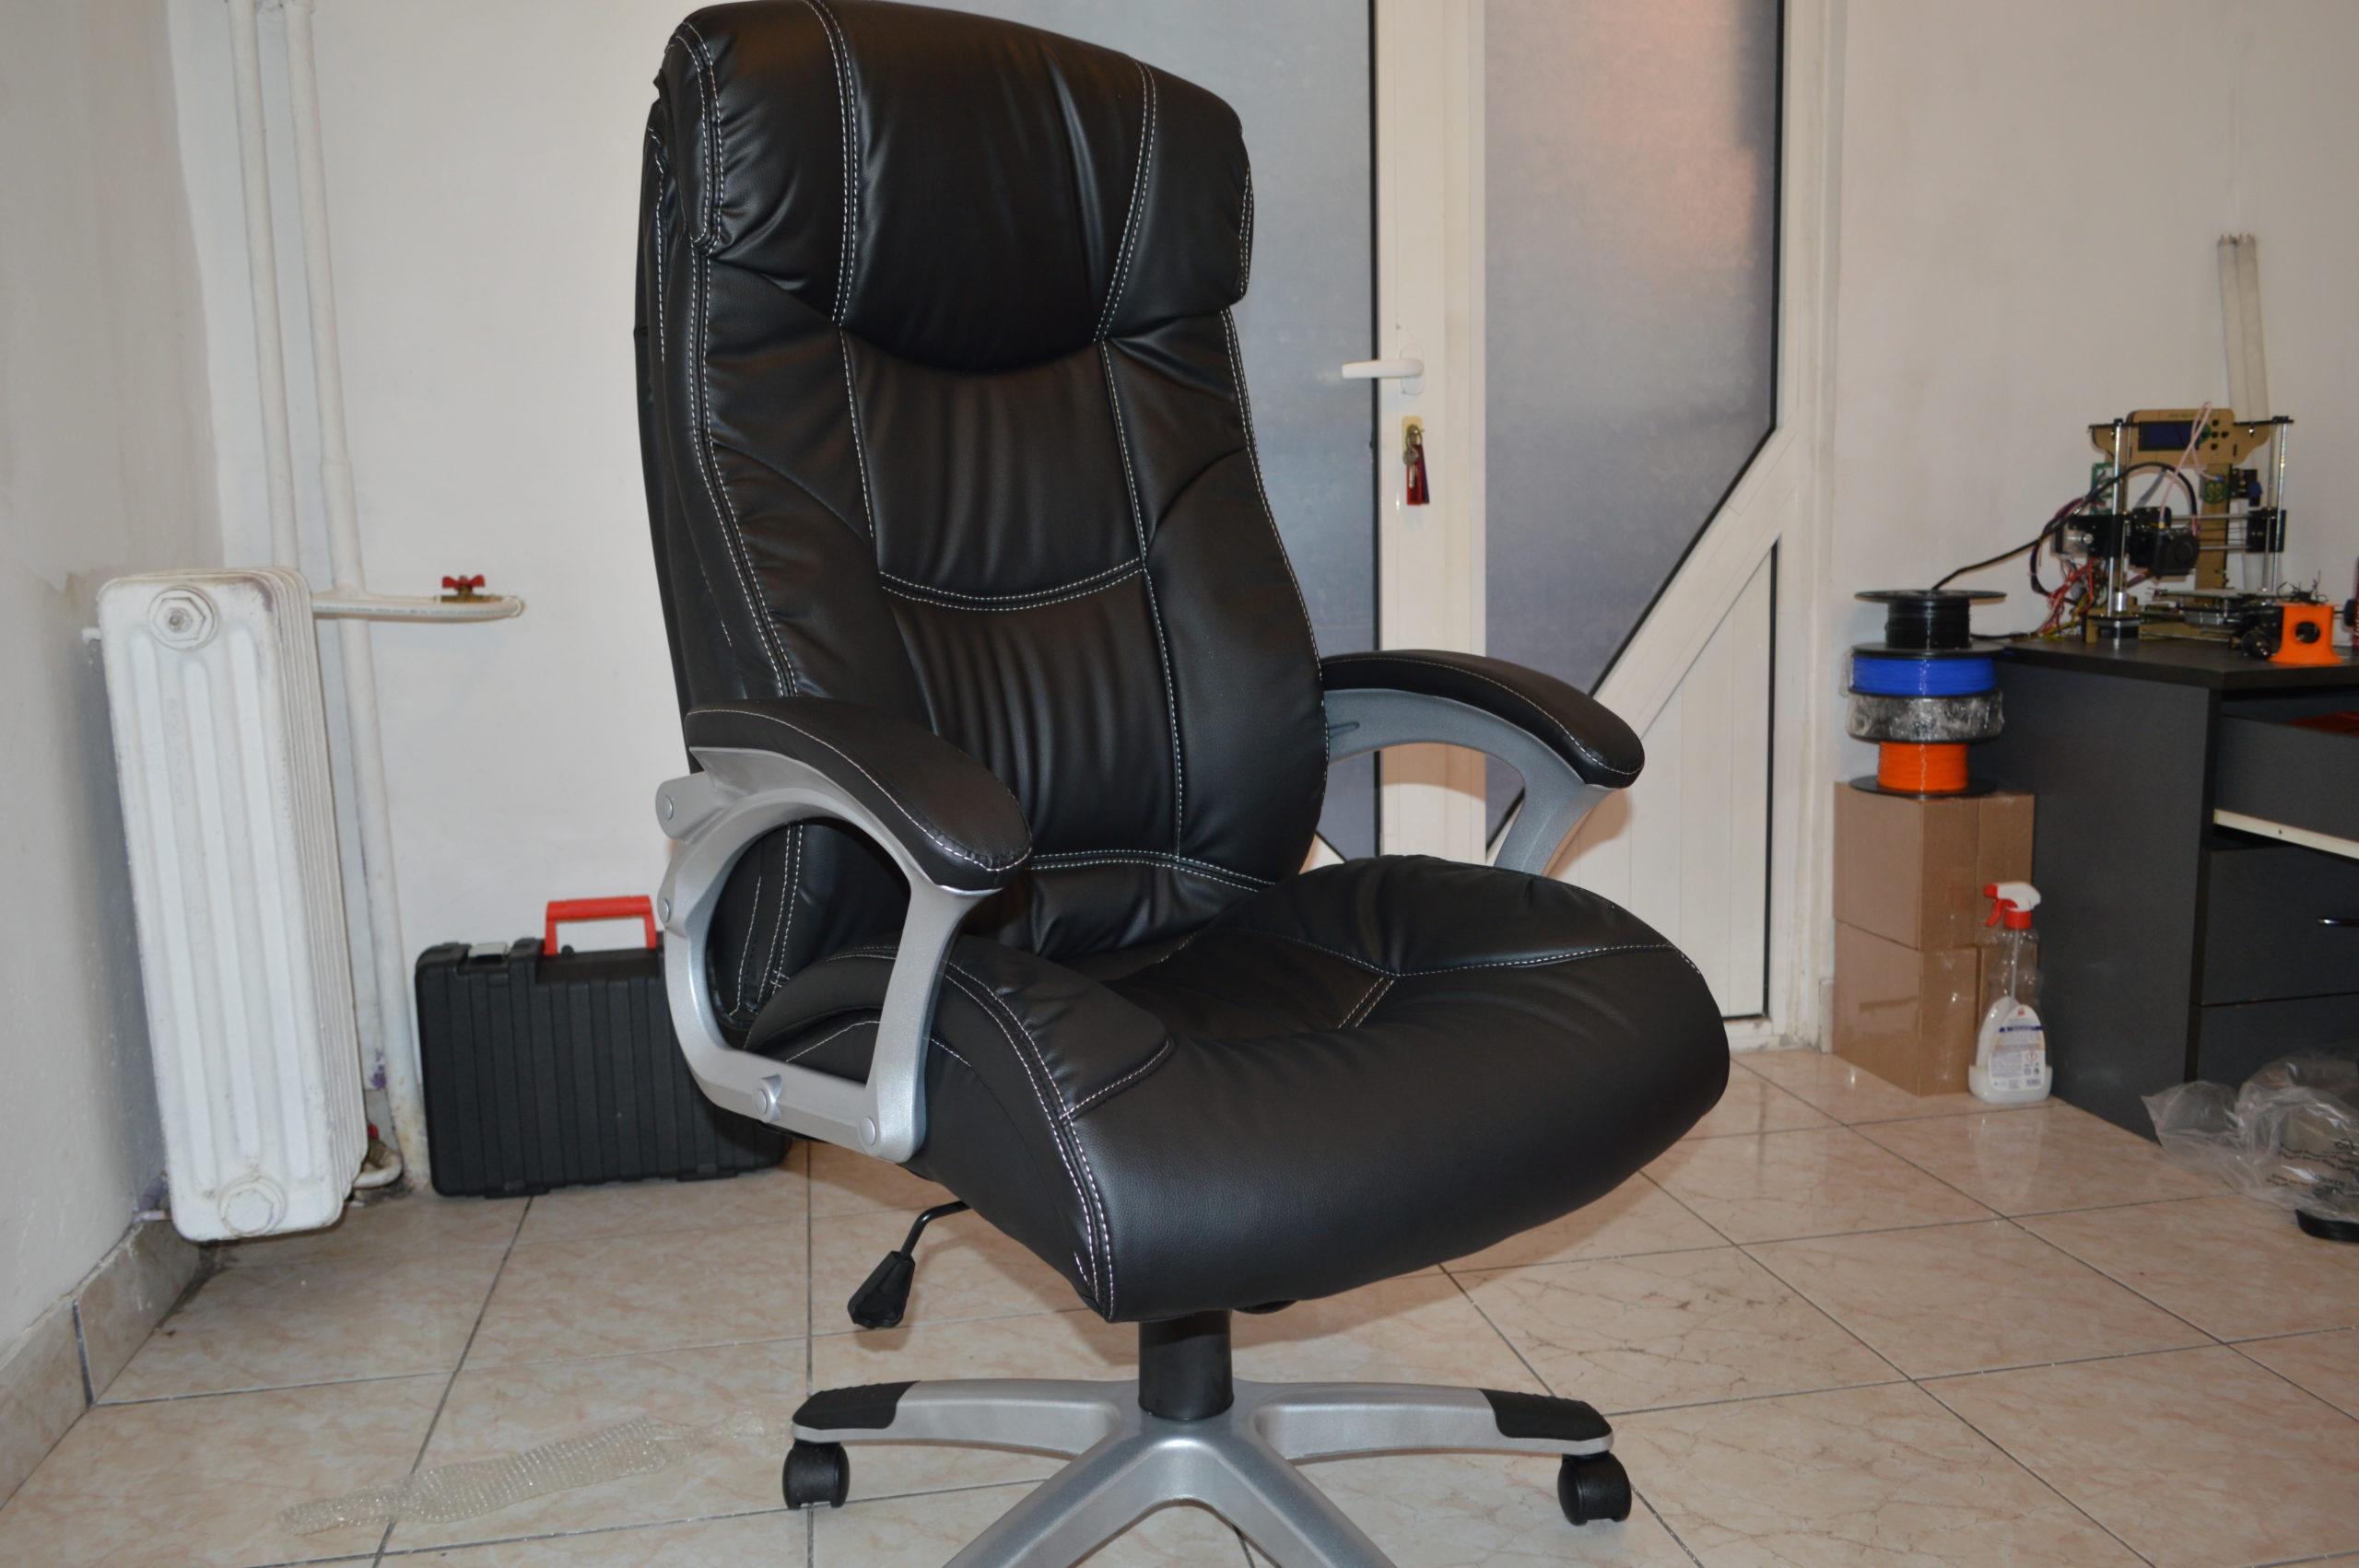 recomandare cel mai bun scaun pentru office 2021